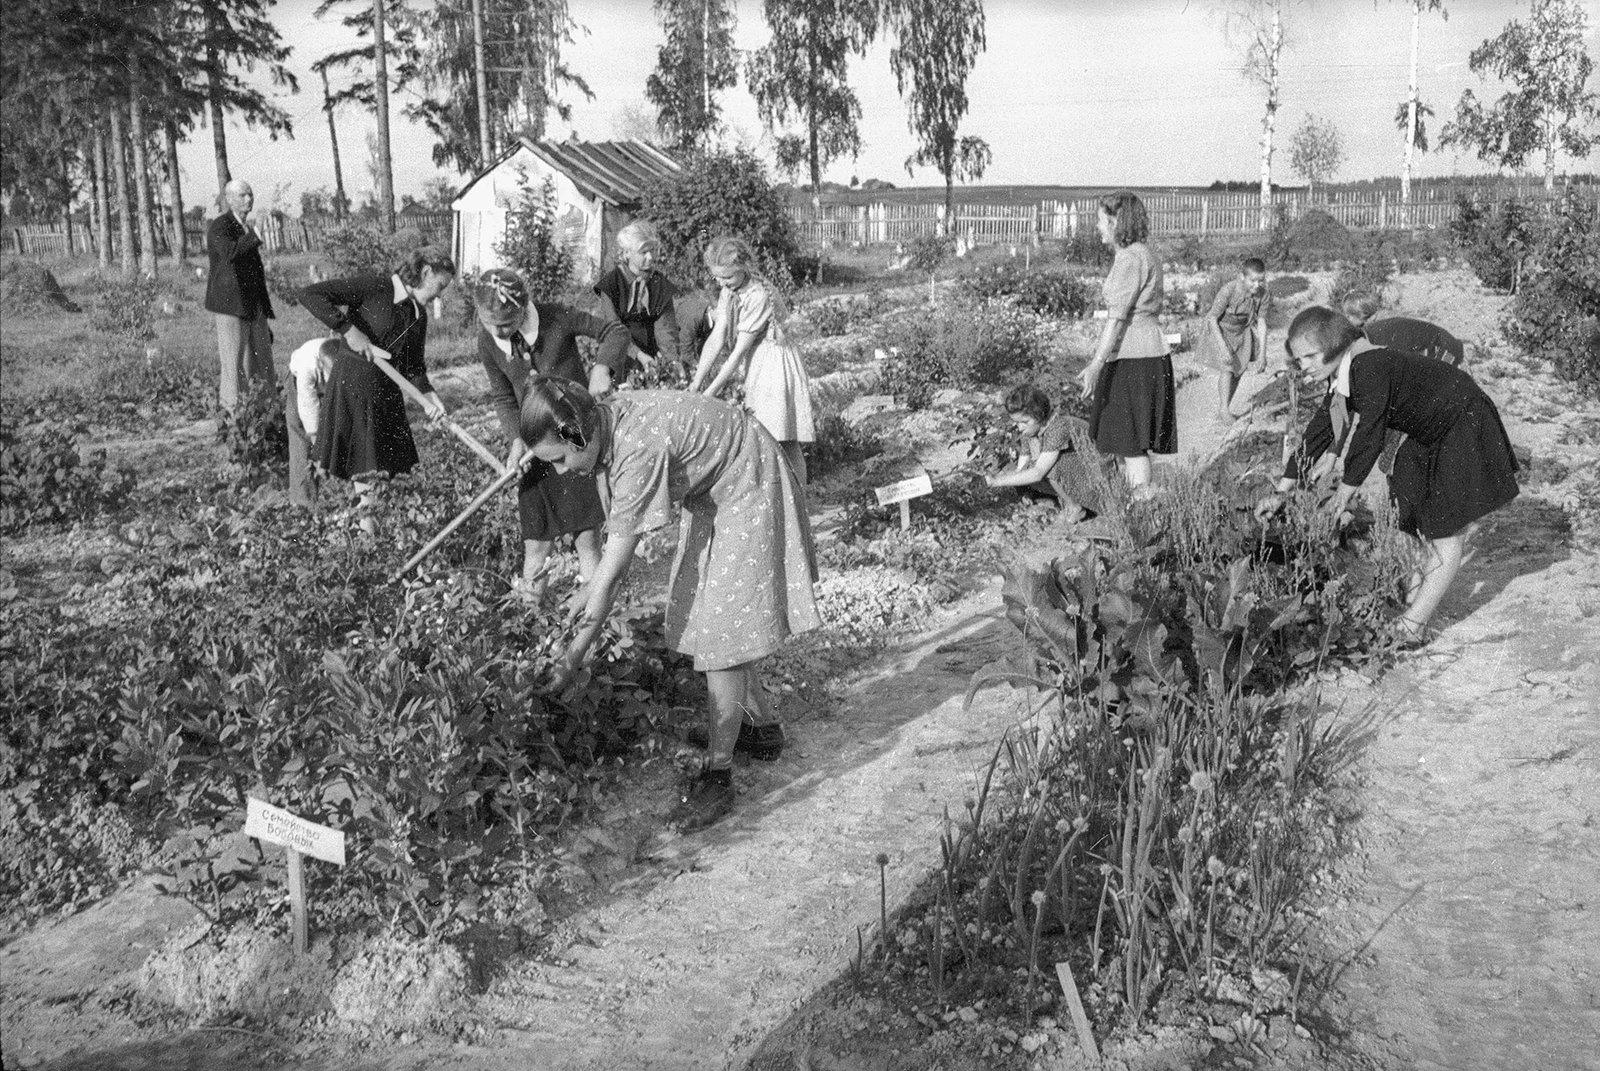 Юннаты работают на делянках. Автор С. Васин. 1947 год. Из коллекции МАММ